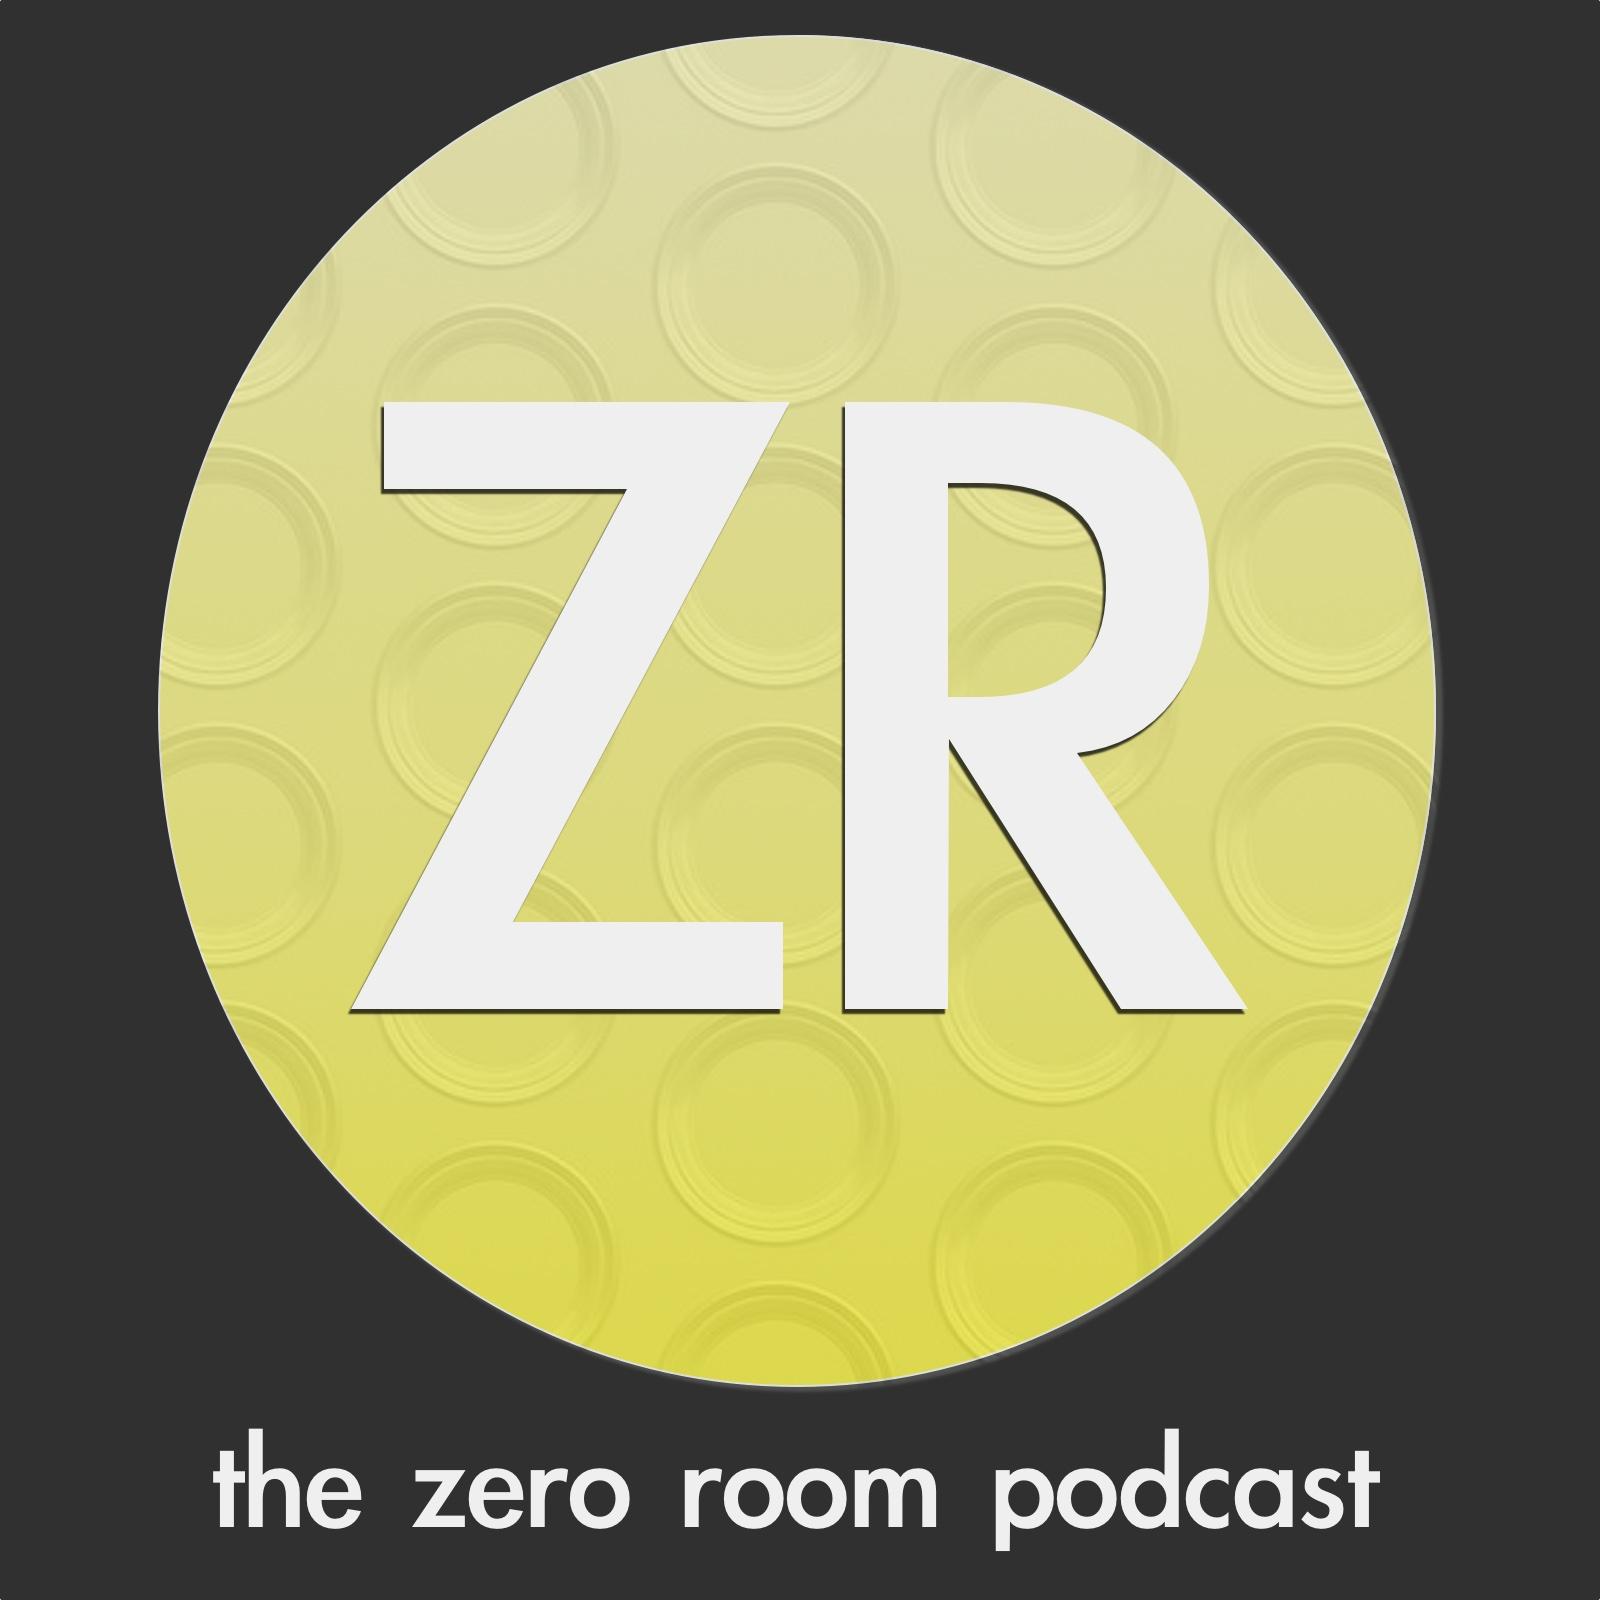 The Zero Room